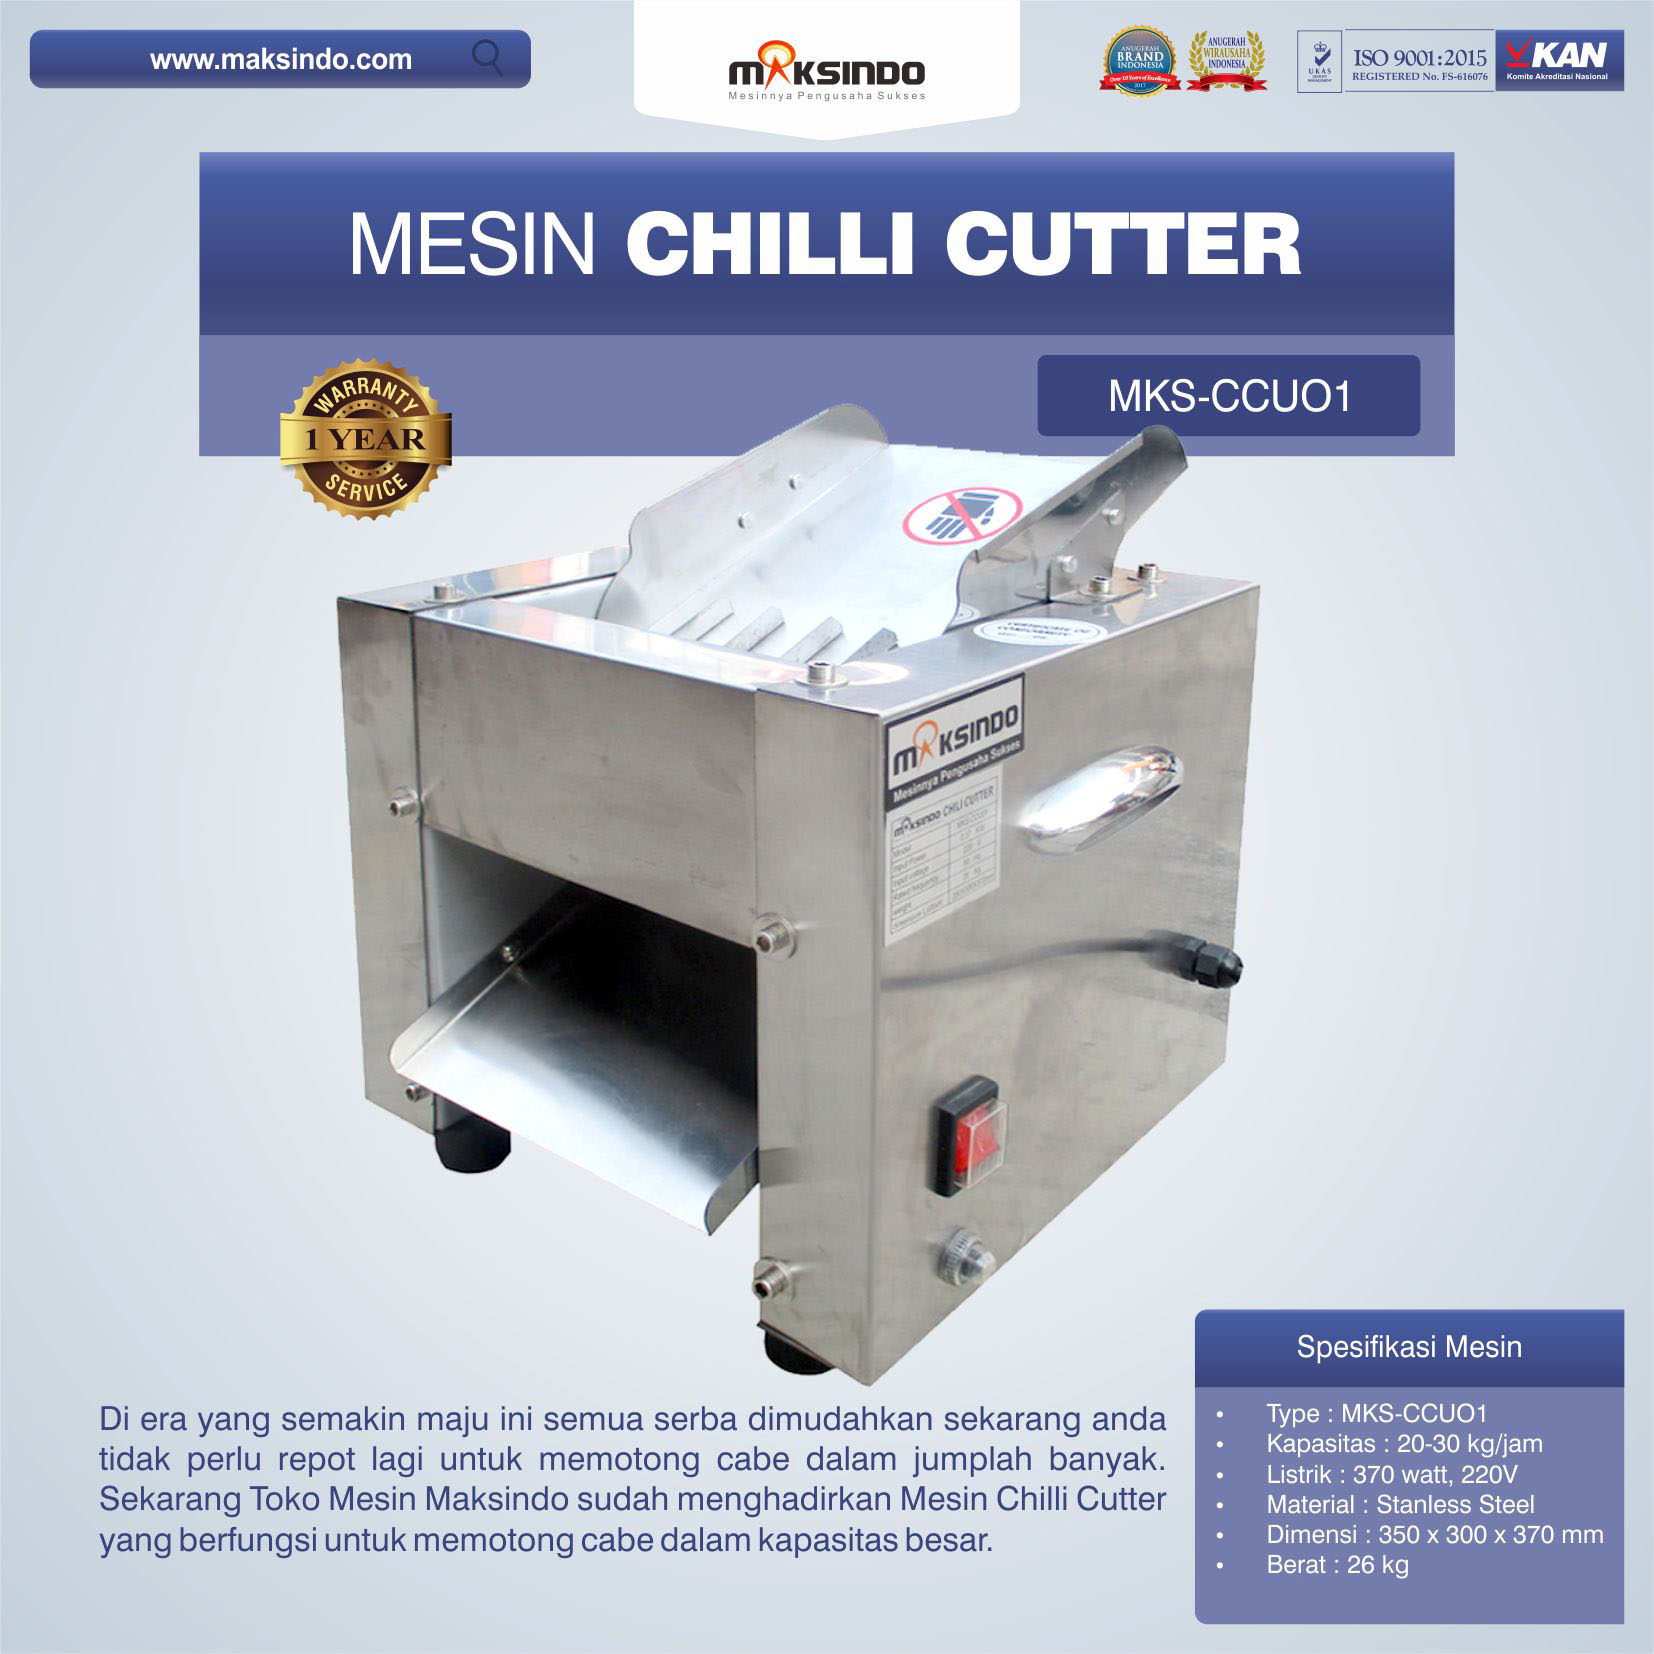 Jual Mesin Chilli Cutter MKS-CCU01 di Bekasi